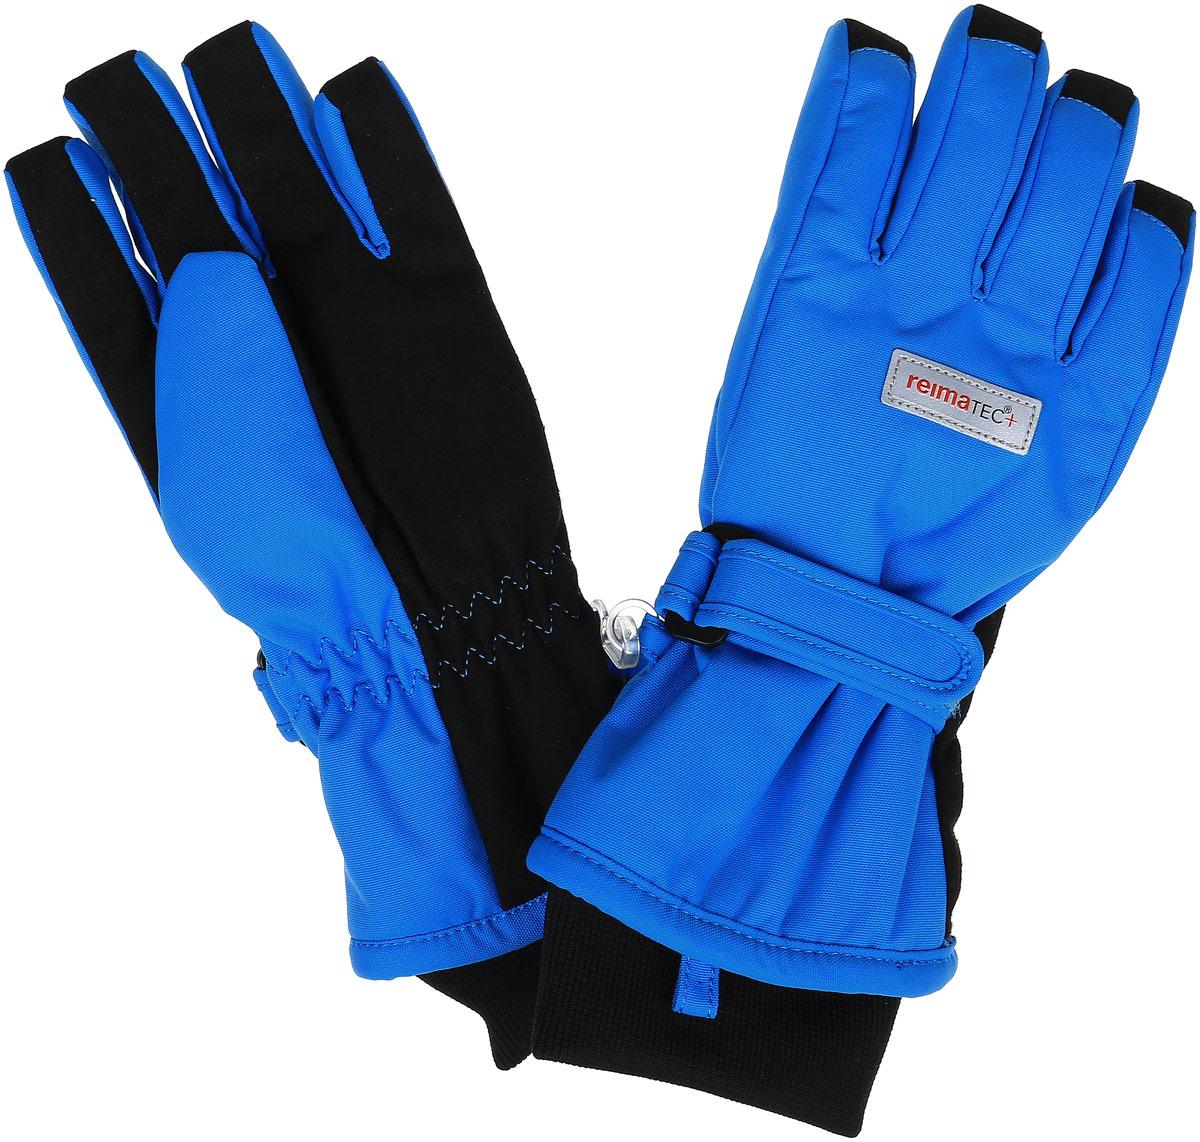 Перчатки детские Reima Reimatec+ Tartu, цвет: голубой. 527251-6560. Размер 8527251-6560Детские перчатки Reima Reimatec+ Tartu станут идеальным вариантом для холодной зимней погоды. На подкладке используется высококачественный полиэстер, который хорошо удерживает тепло.Для большего удобства на запястьях перчатки дополнены хлястиками на липучках с внешней стороны, а на ладошках, кончиках пальцев и с внутренней стороны большого пальца - усиленными водонепроницаемивставками Hipora. Теплая флисовая подкладка дарит коже ощущение комфорта и уюта. С внешней стороны перчатки оформлены светоотражающими нашивками с логотипом бренда. Высокая степень утепления. Перчатки станут идеальным вариантом для прохладной погоды, в них ребенку будет тепло и комфортно. Водонепроницаемость: Waterpillar over 10 000 mm